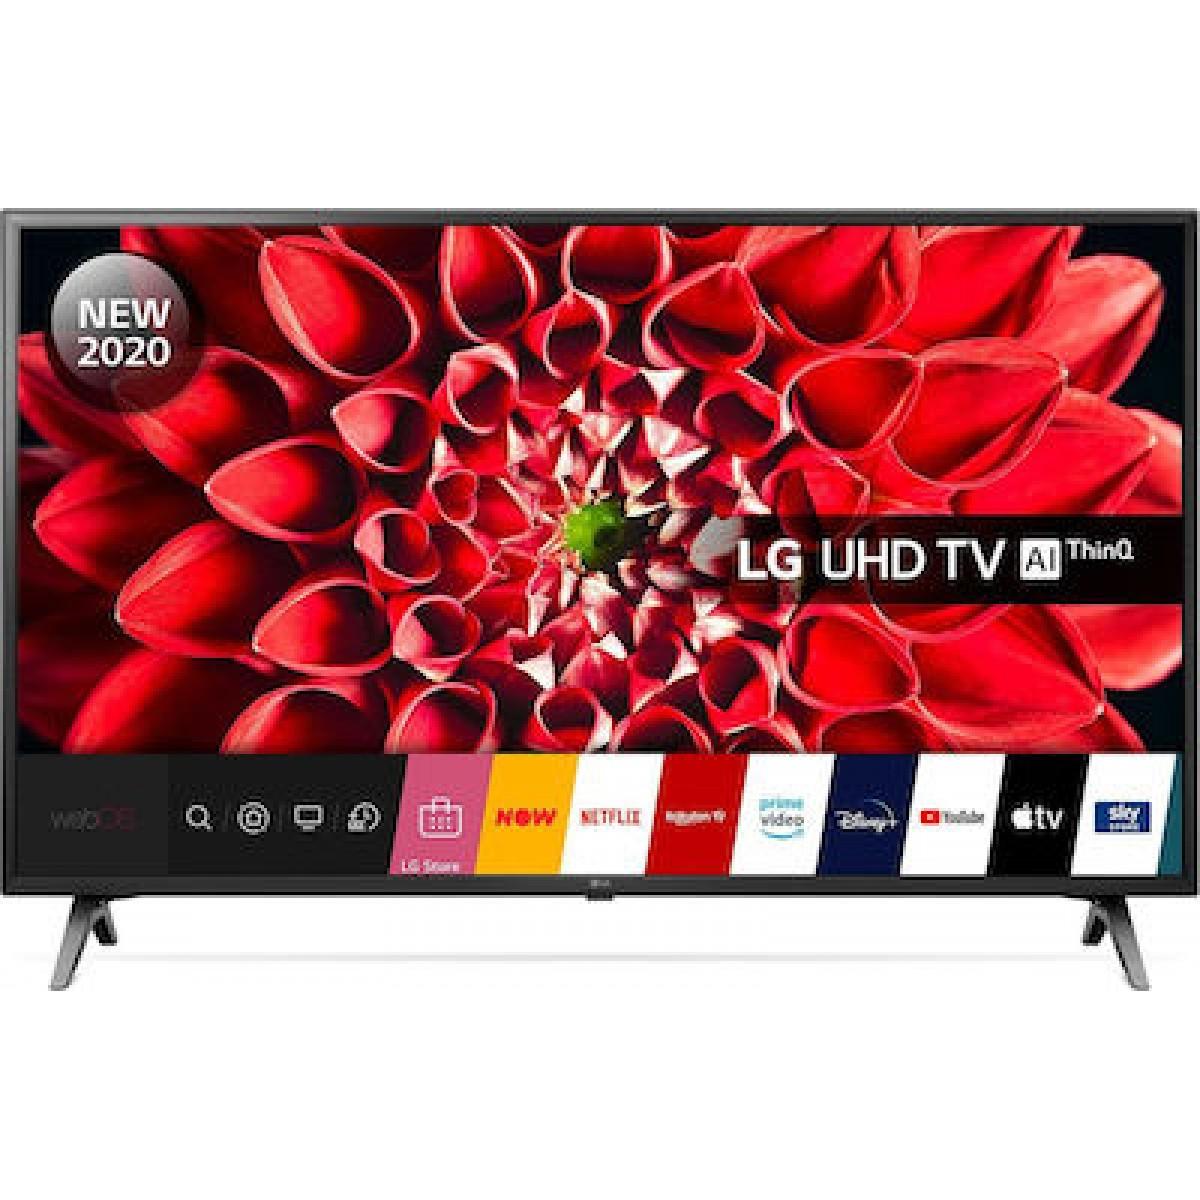 Τηλεόραση LG 55UN71006LB Smart TV 4K UHD 55'' Τηλεοράσεις